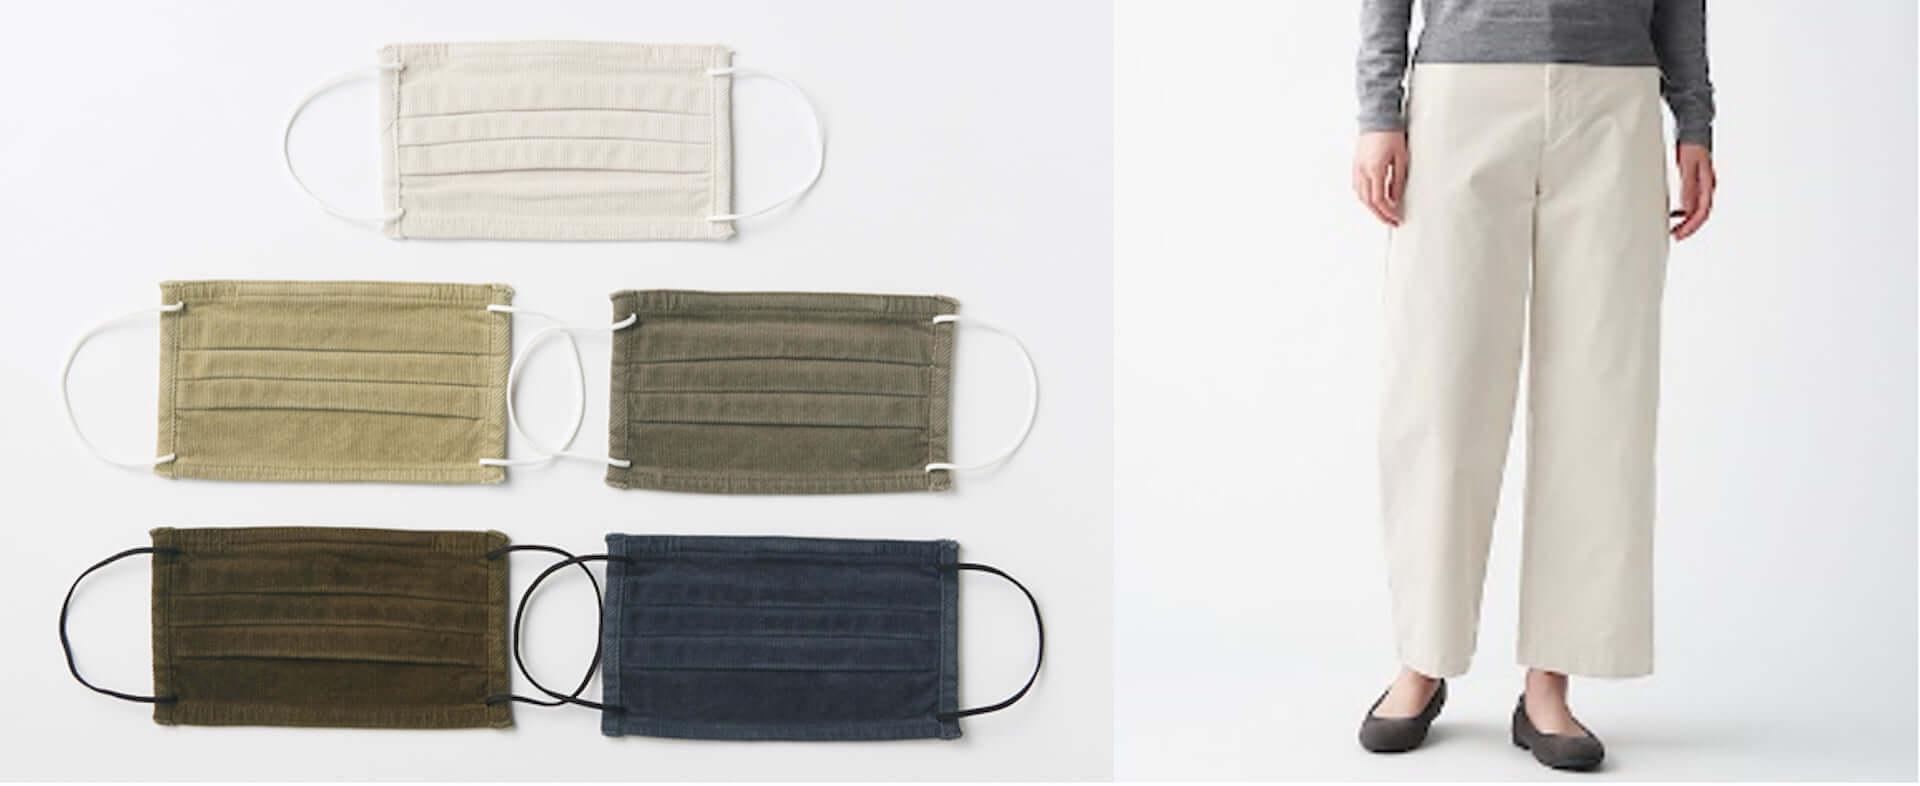 無印良品が秋向けにコーデュロイ、フランネル素材などを使用したマスク全3種を発表!オーガニックコットンの残布を再利用 lf201008_muji-mask_4-1920x786